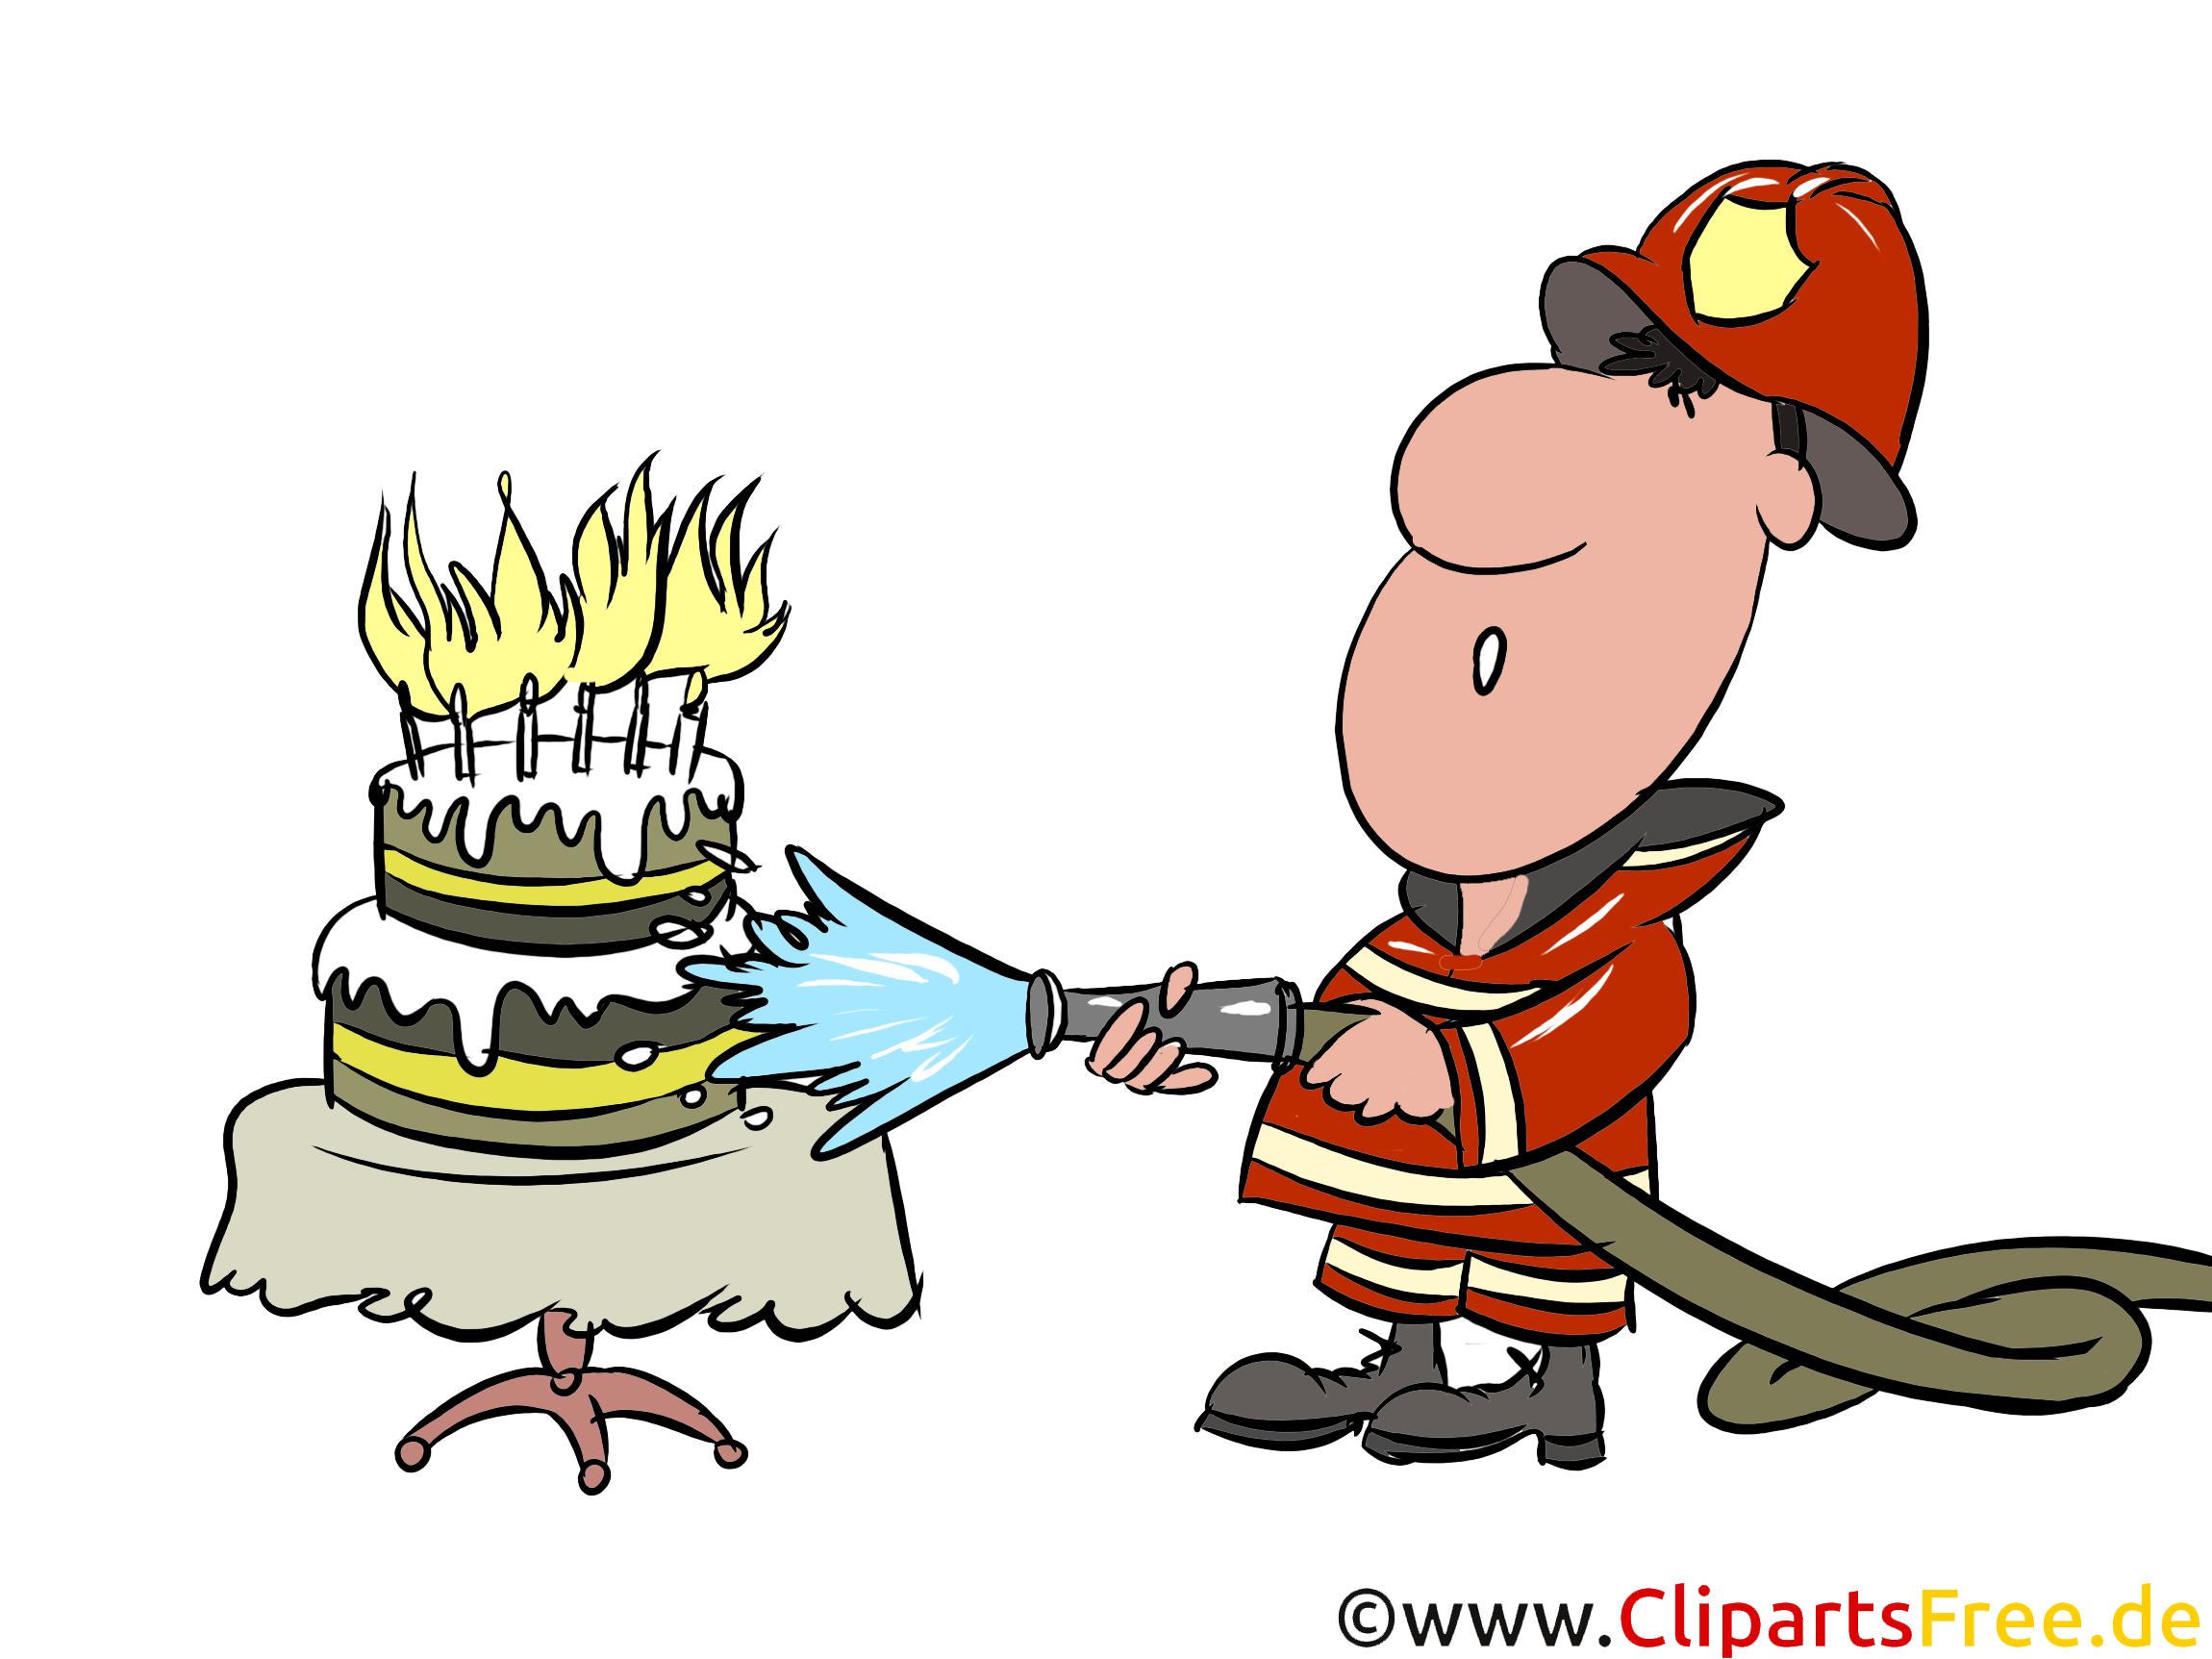 Feuerwehrmann Mit Wasserschlauch Illustration Bild Clipart Gratis